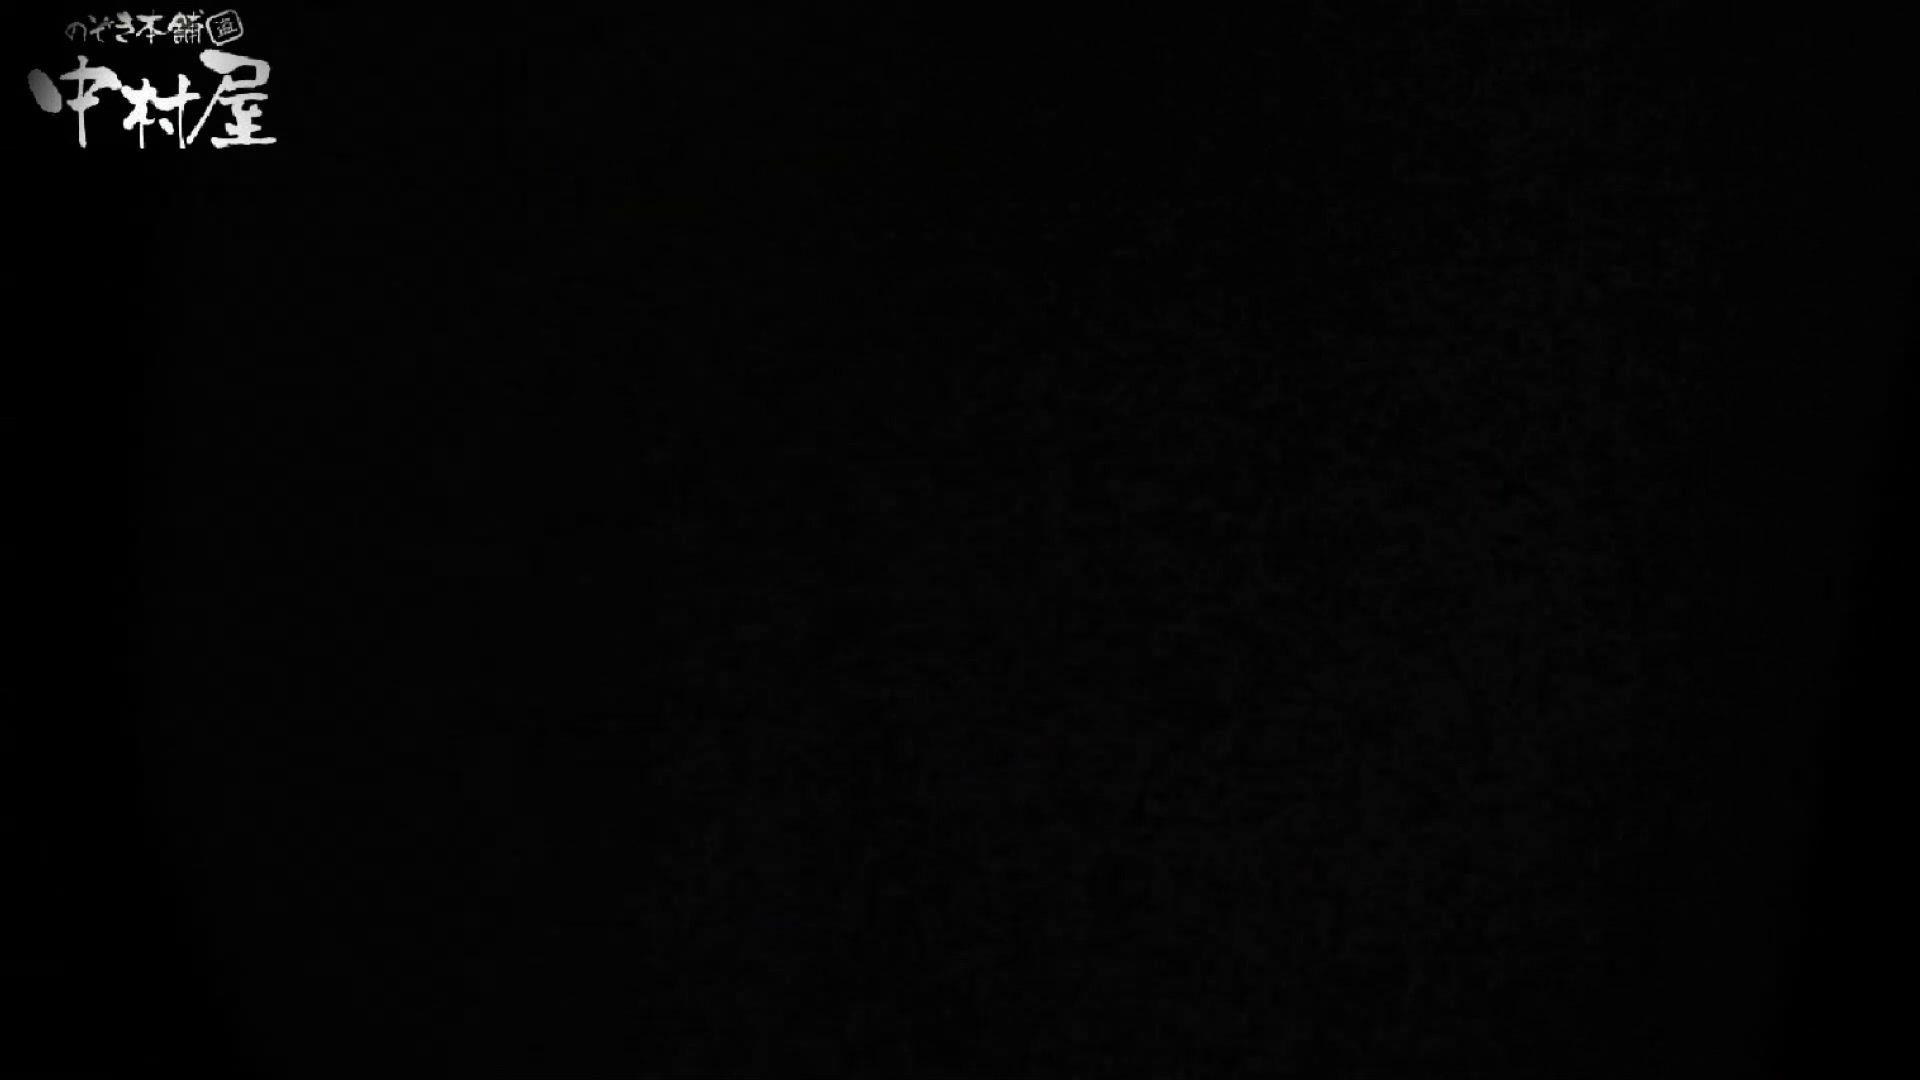 世界の射窓から~ステーション編~vol46 美女のアップが盛りだくさん。後編 美女   OLのエロ生活  93連発 7